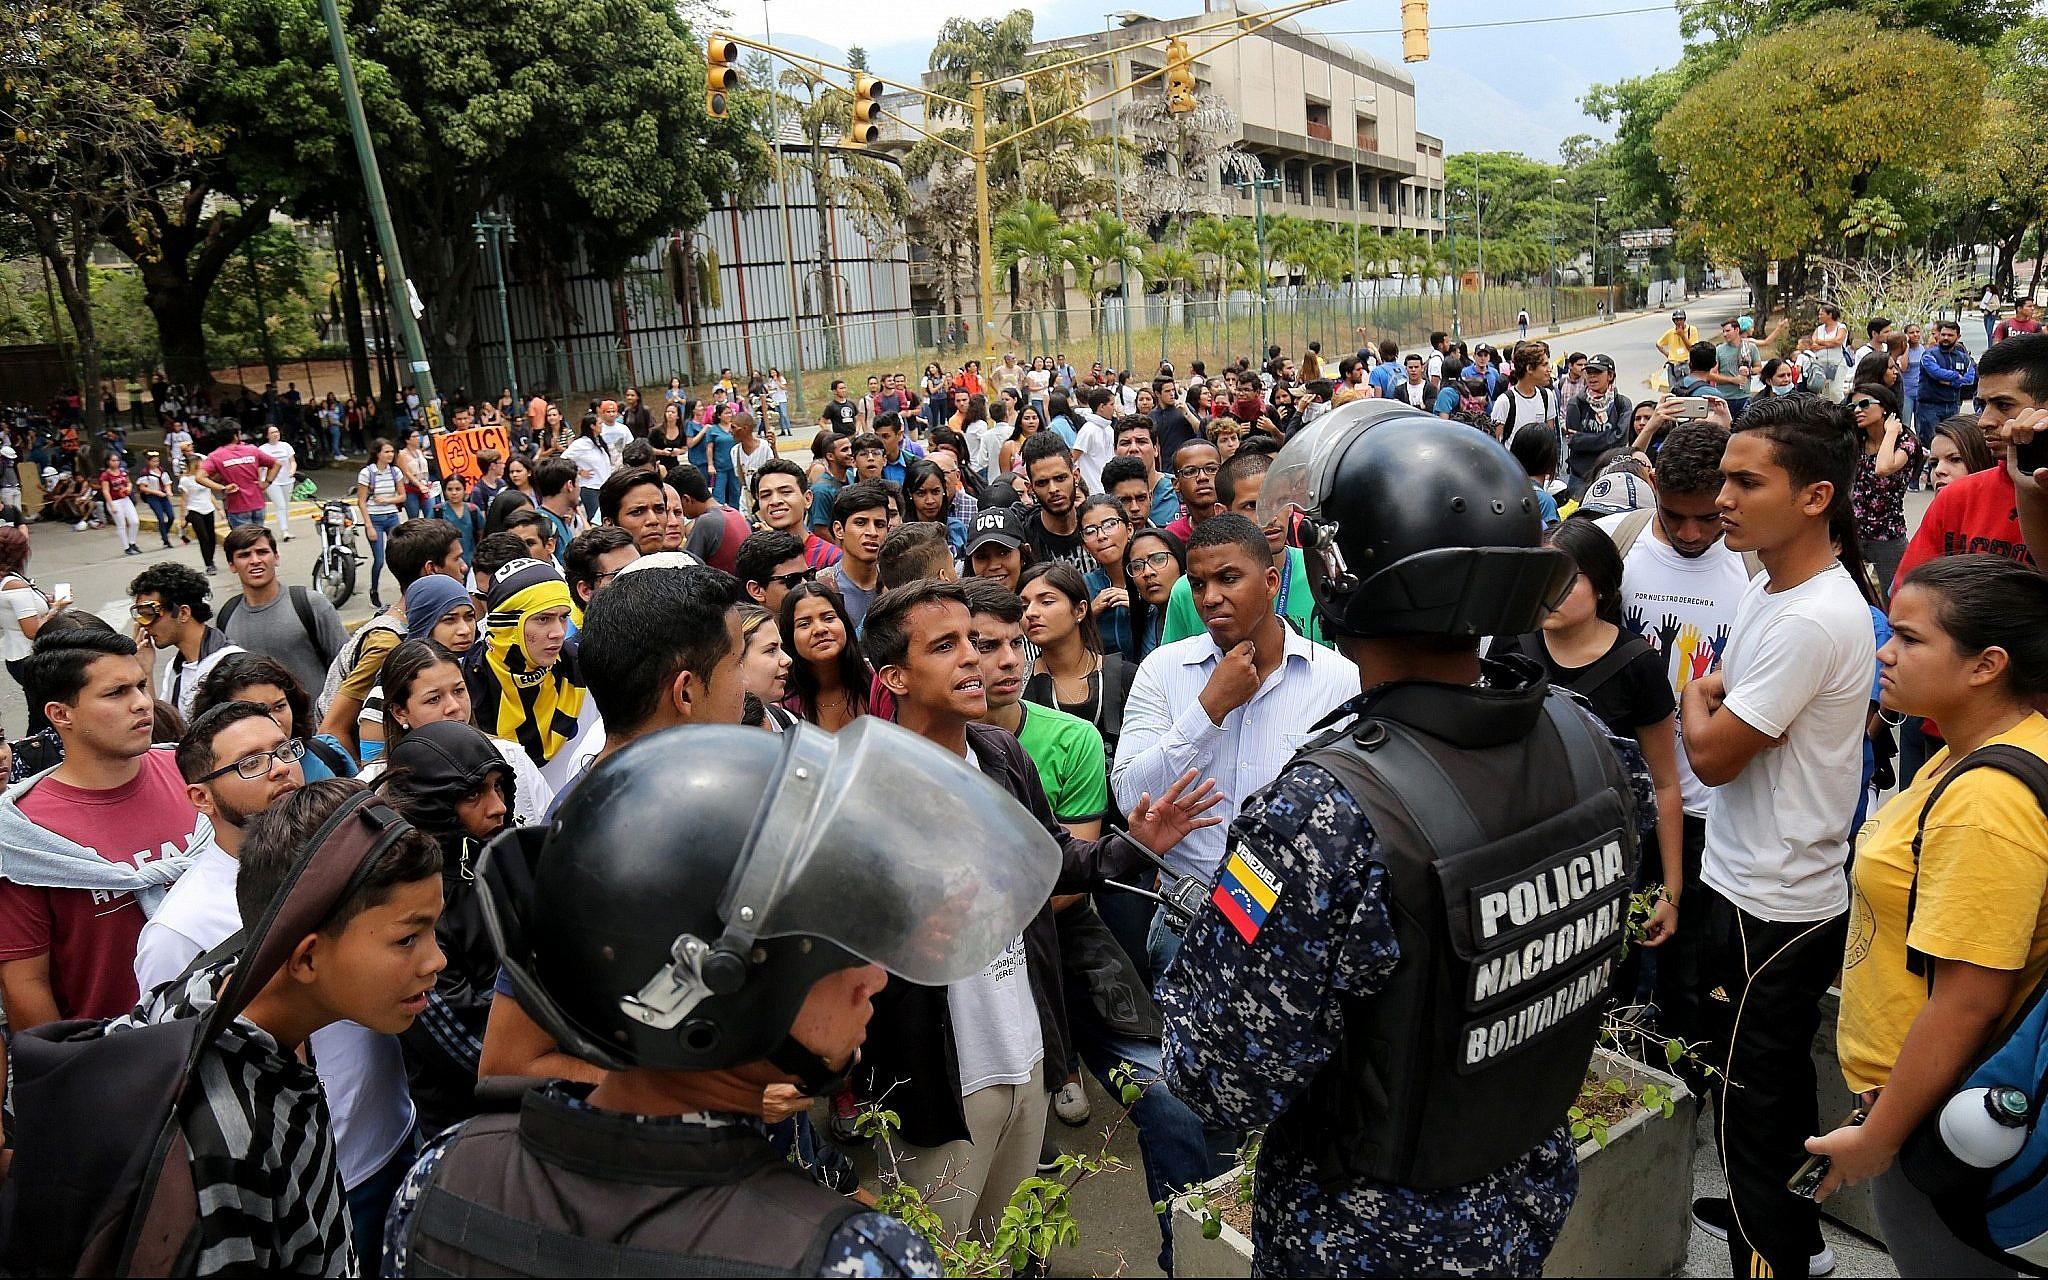 Venezuela sites de rencontre sites de rencontres libres riches